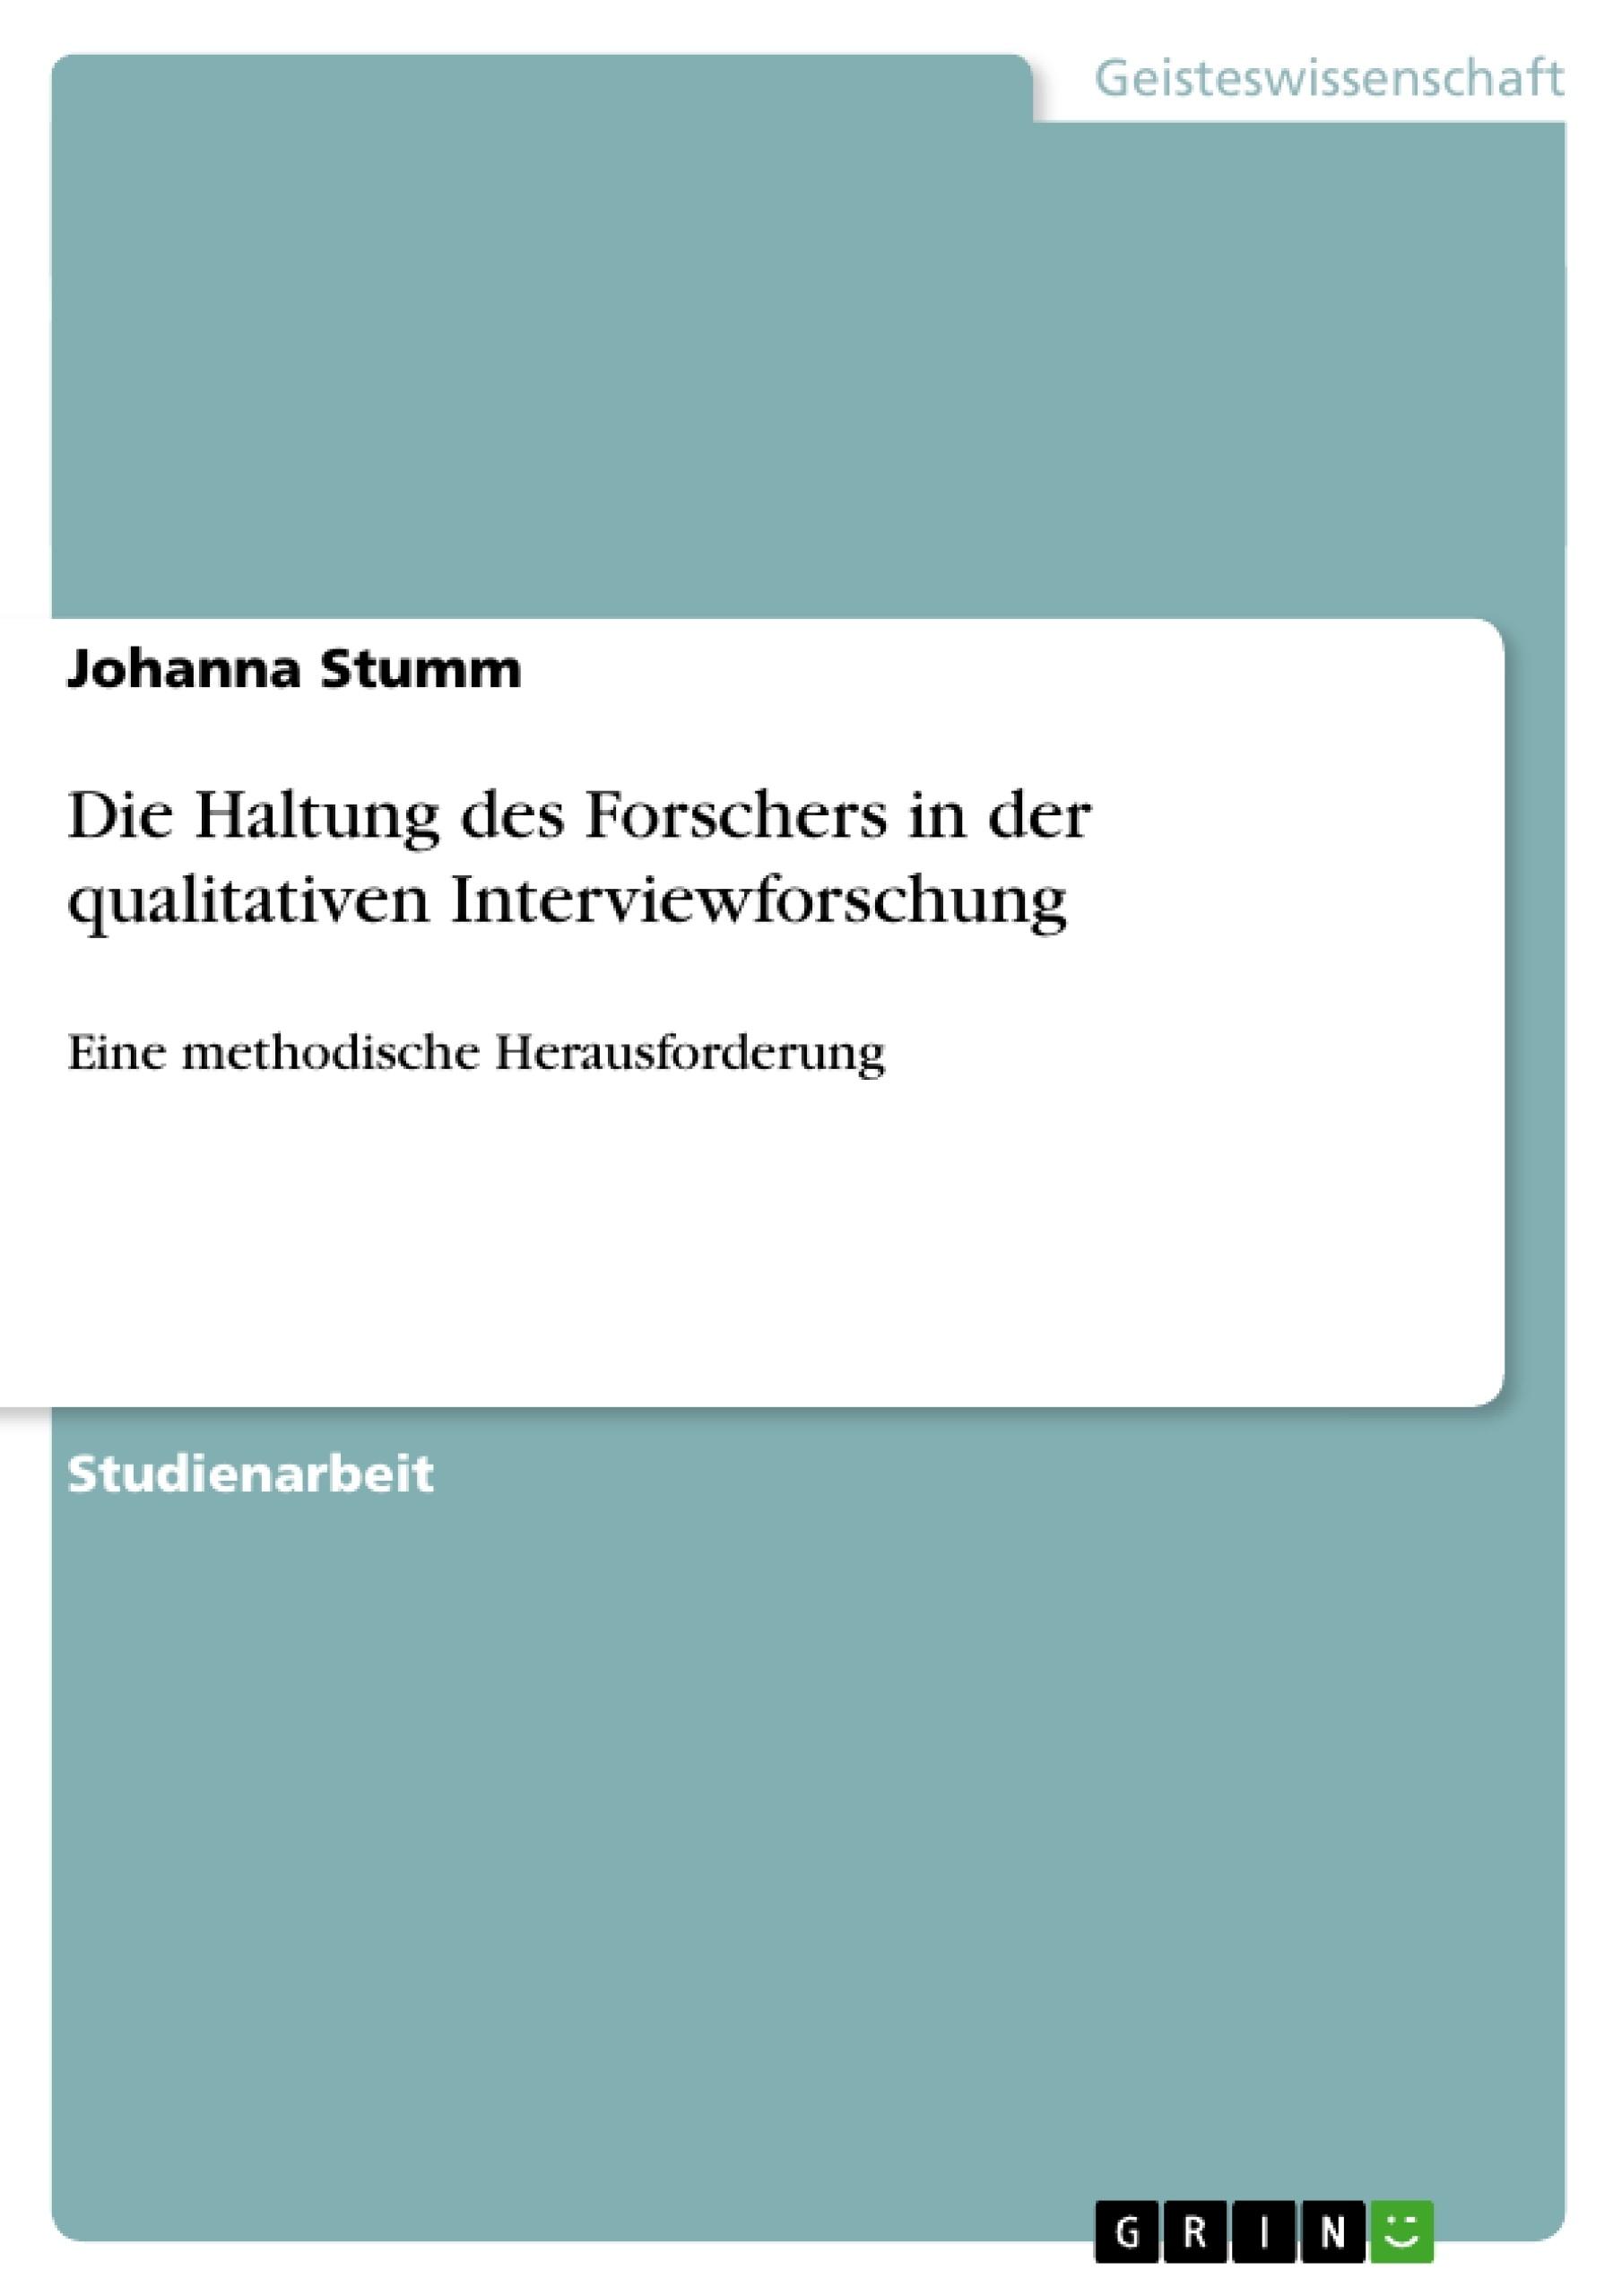 Titel: Die Haltung des Forschers in der qualitativen Interviewforschung